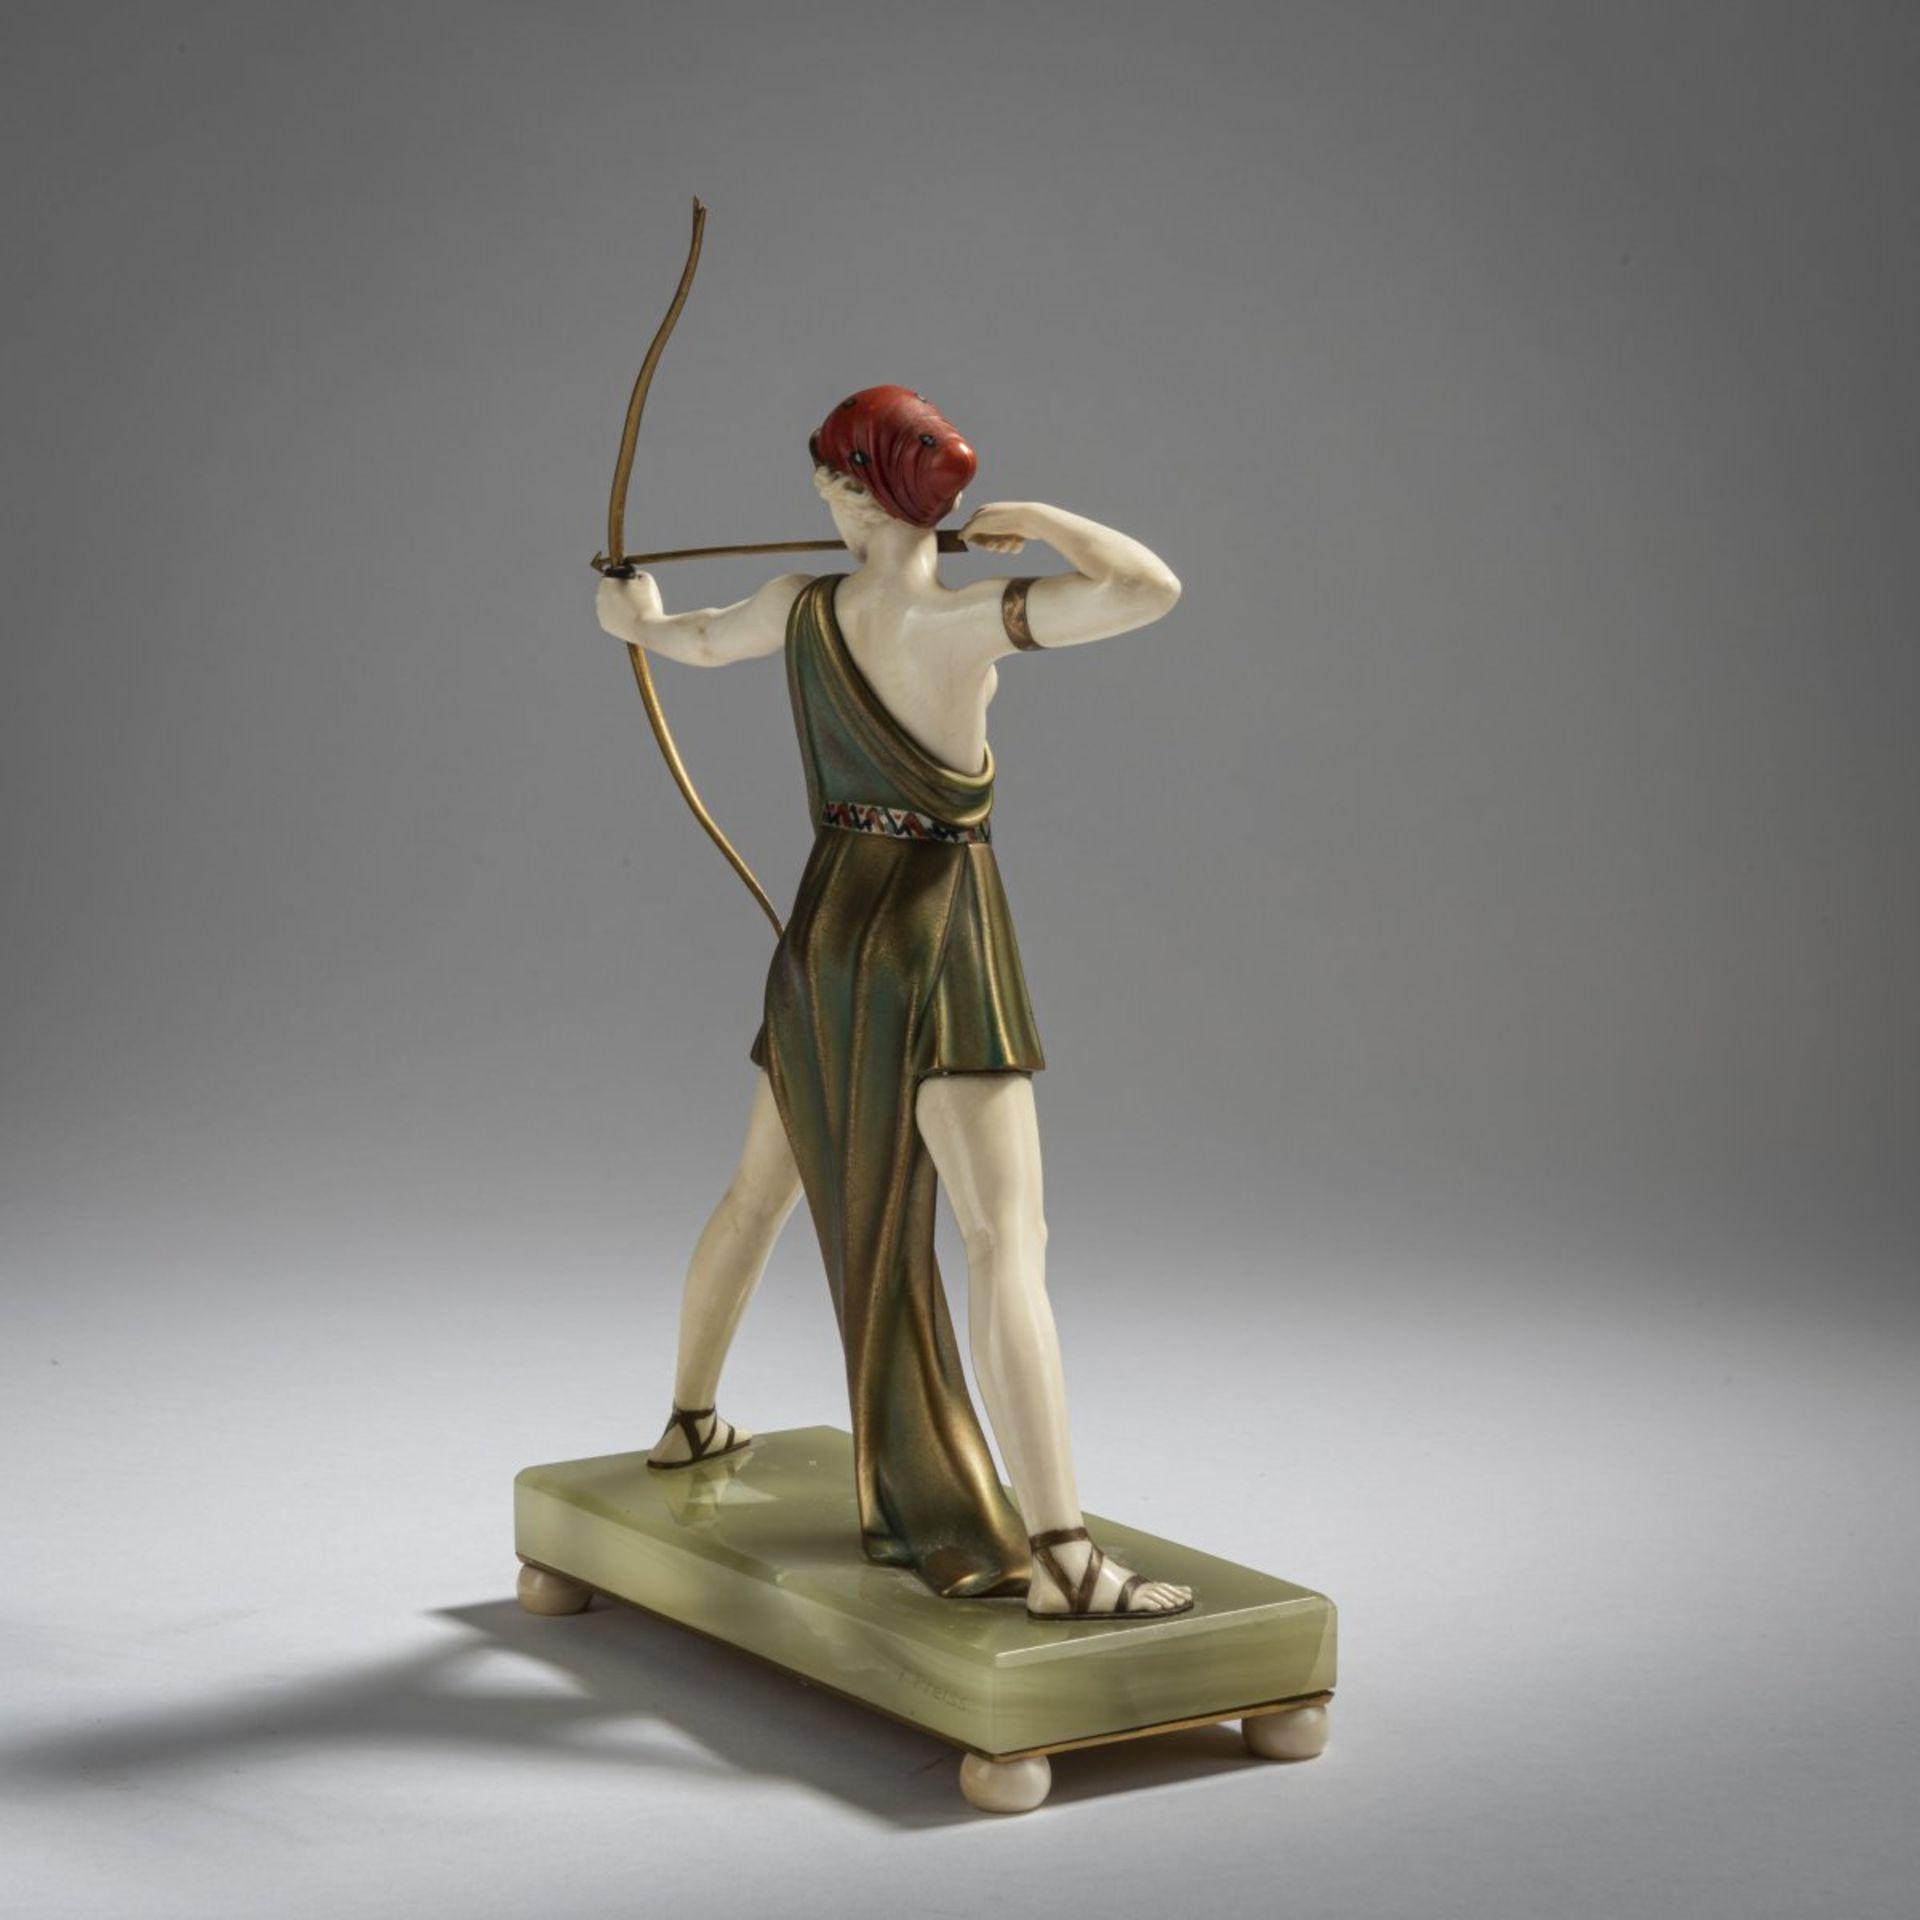 Ferdinand Preiss, 'Diana', um 1928 - Bild 6 aus 8